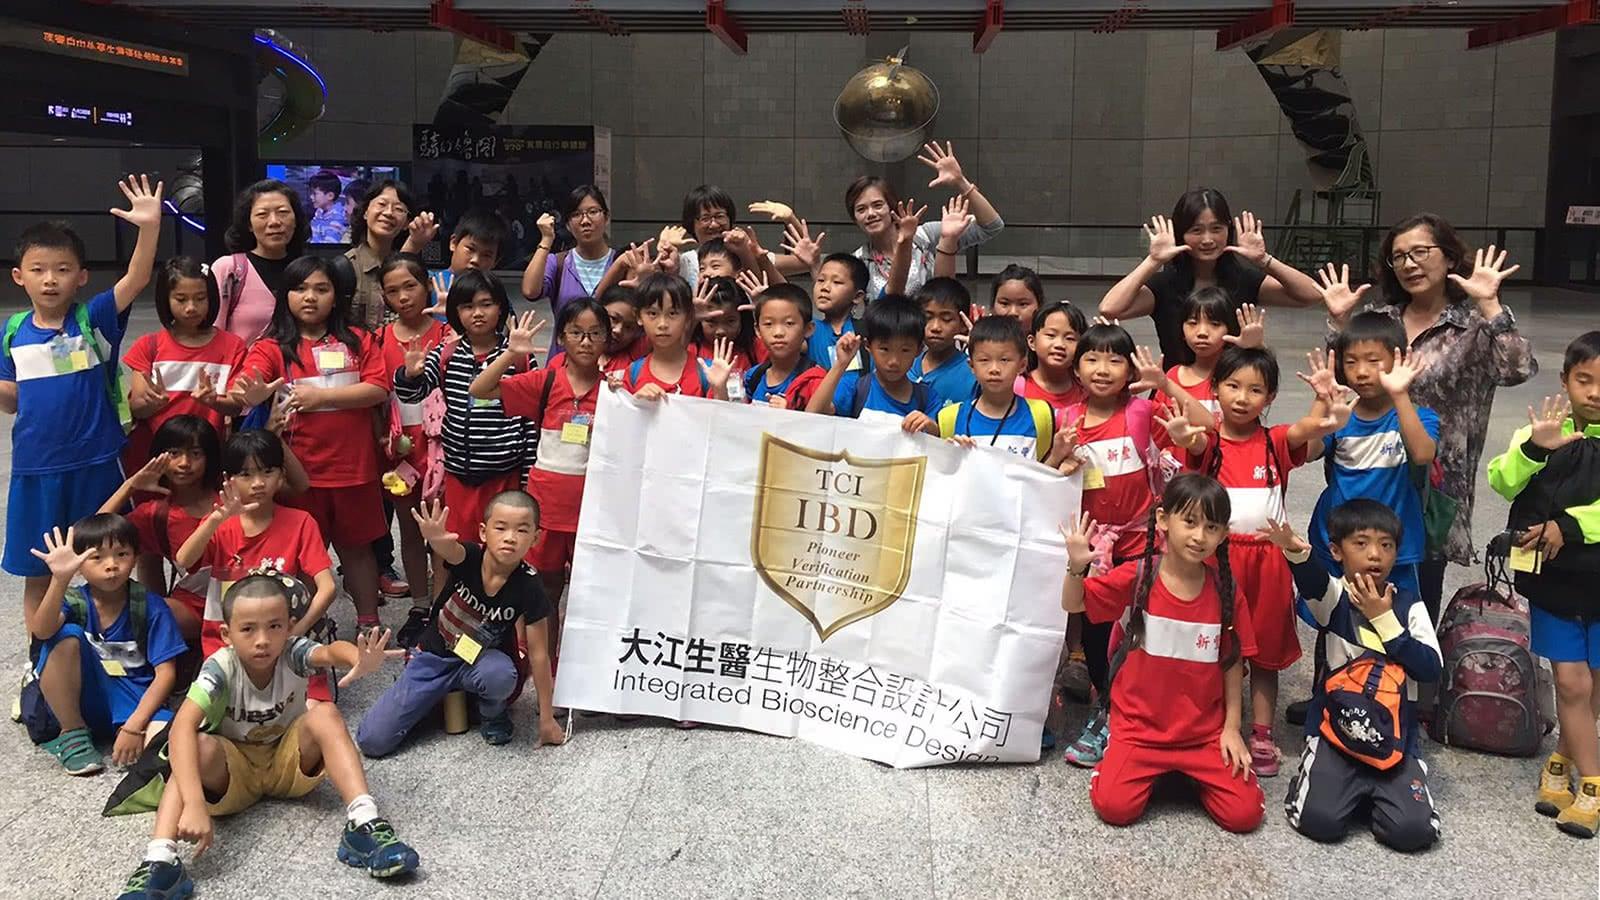 2017年 TCI 大江生醫 台中人文科學營 新豐國小